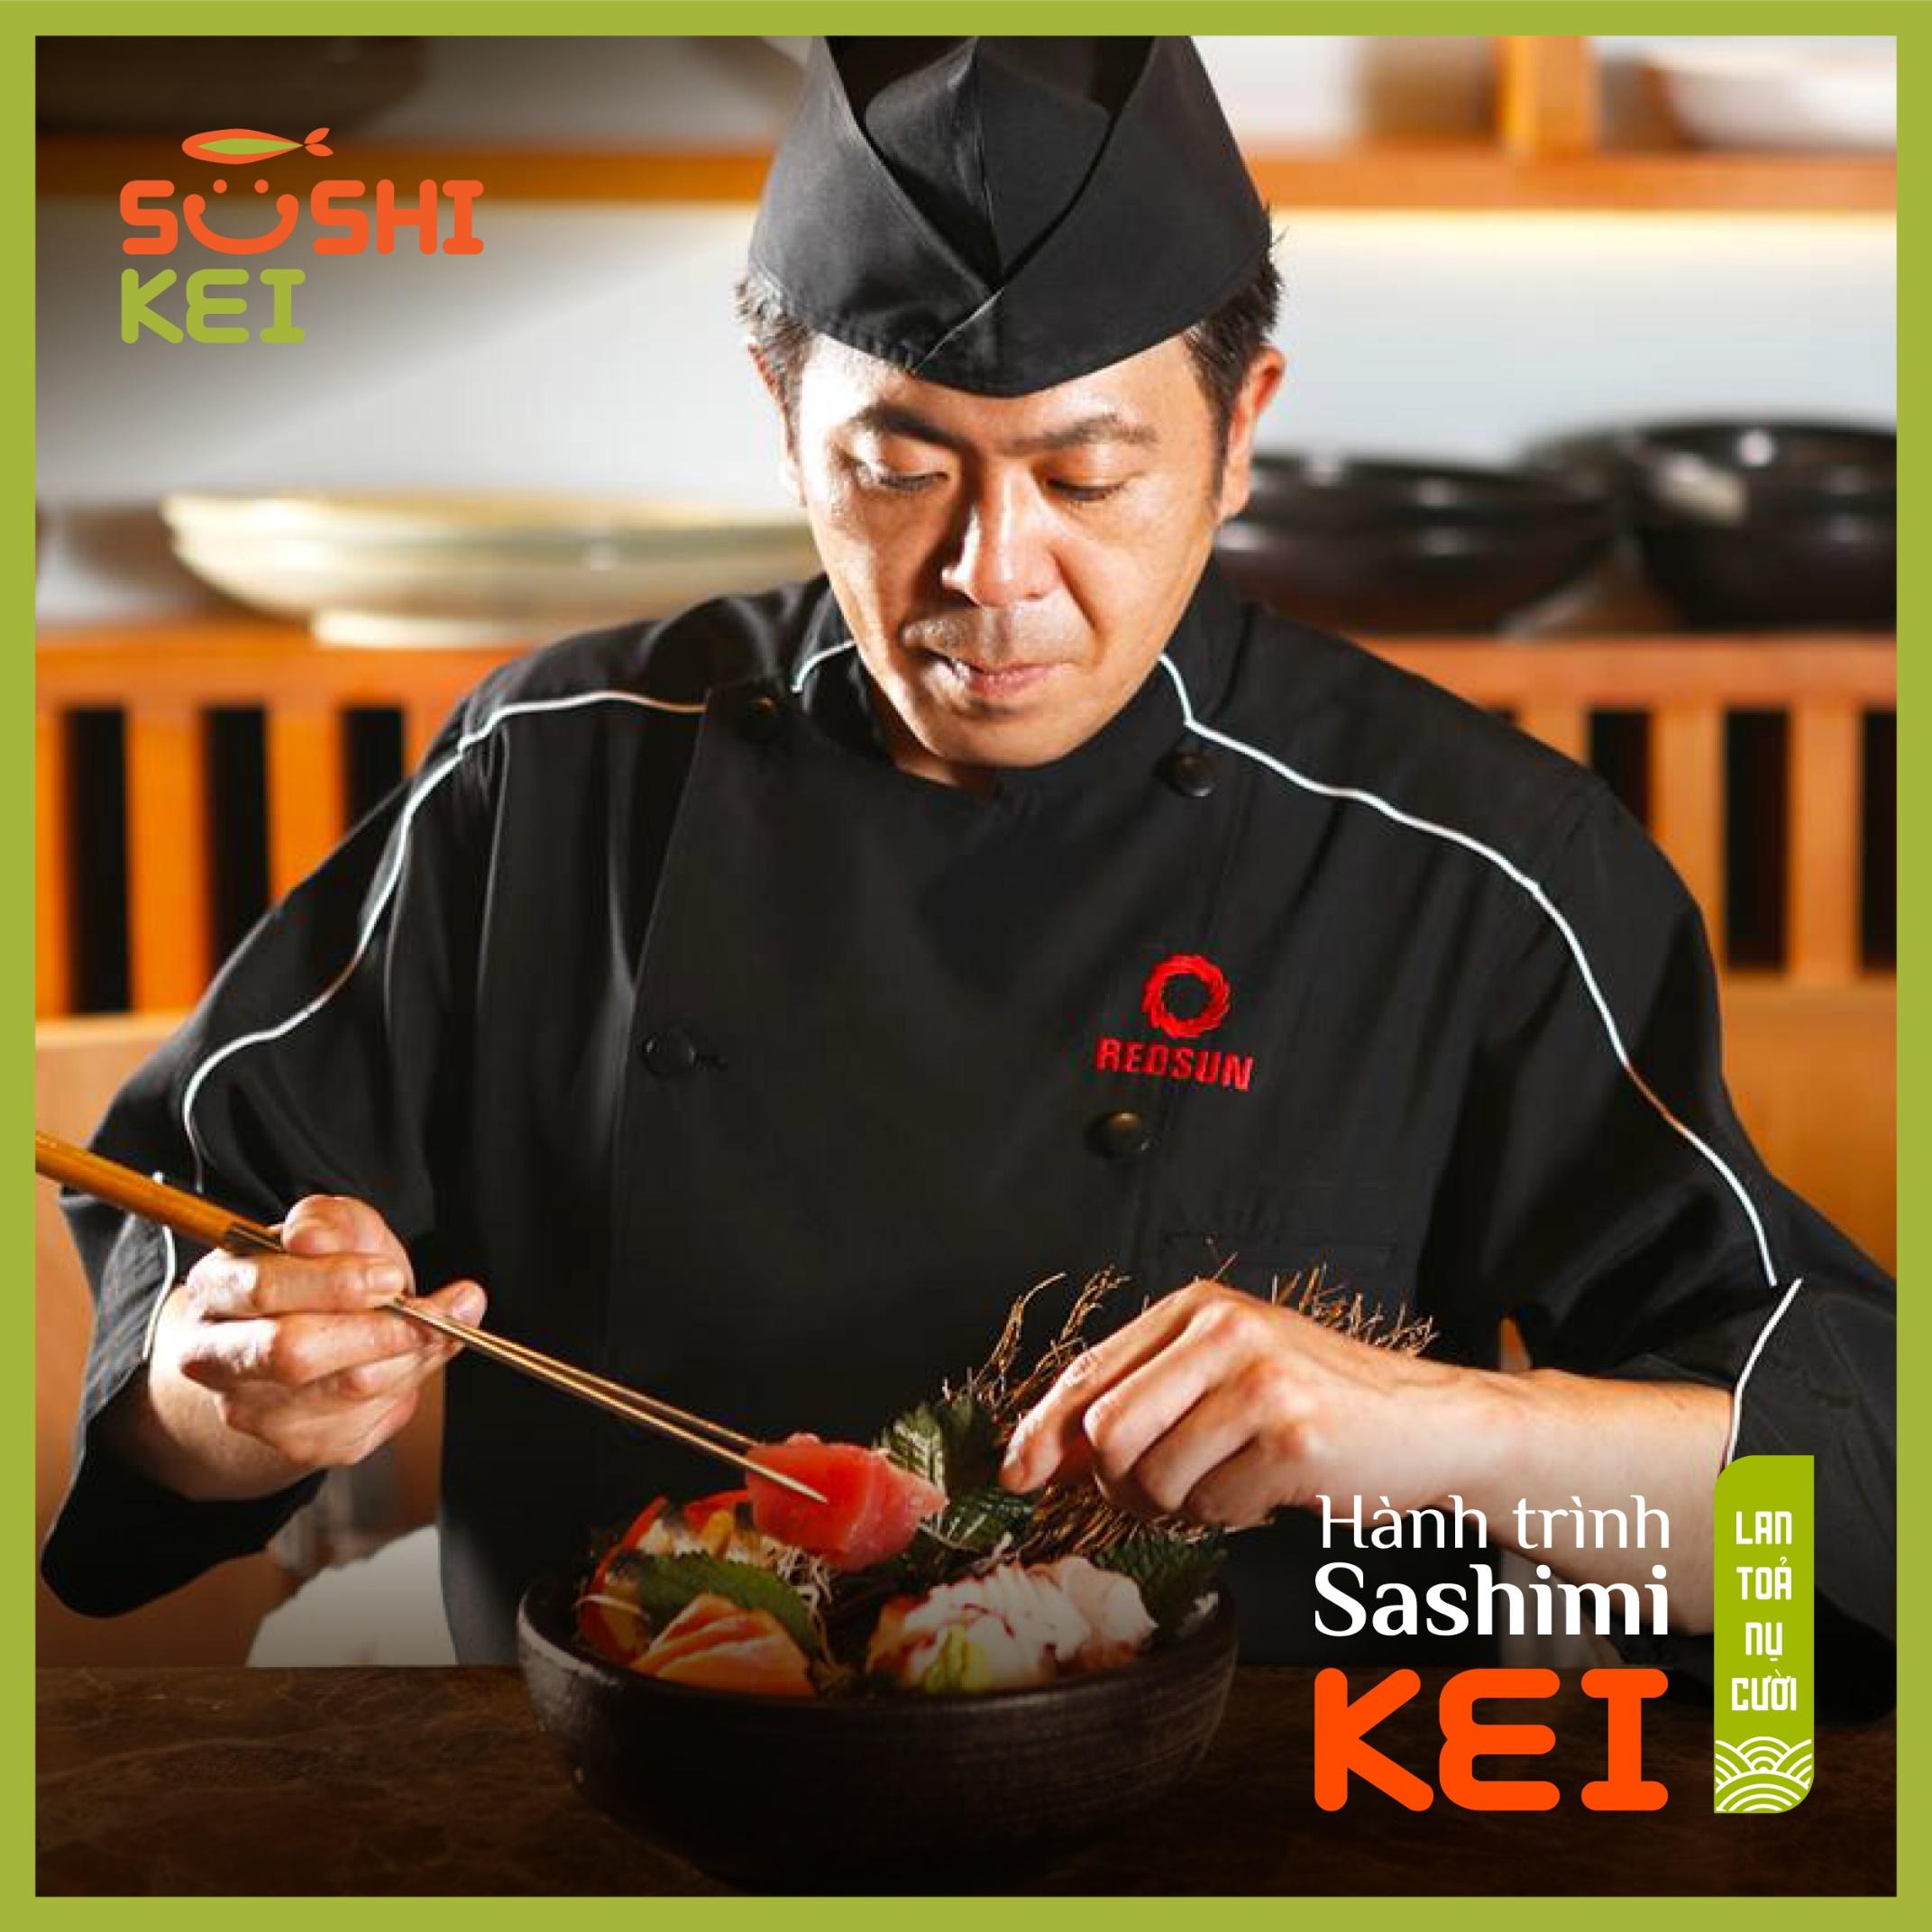 Kinh ngạc với cá ngừ khổng lồ 80kg cùng màn trình diễn chế biến chuyên nghiệp ngay tại nhà hàng Nhật - Sushi Kei - Ảnh 4.